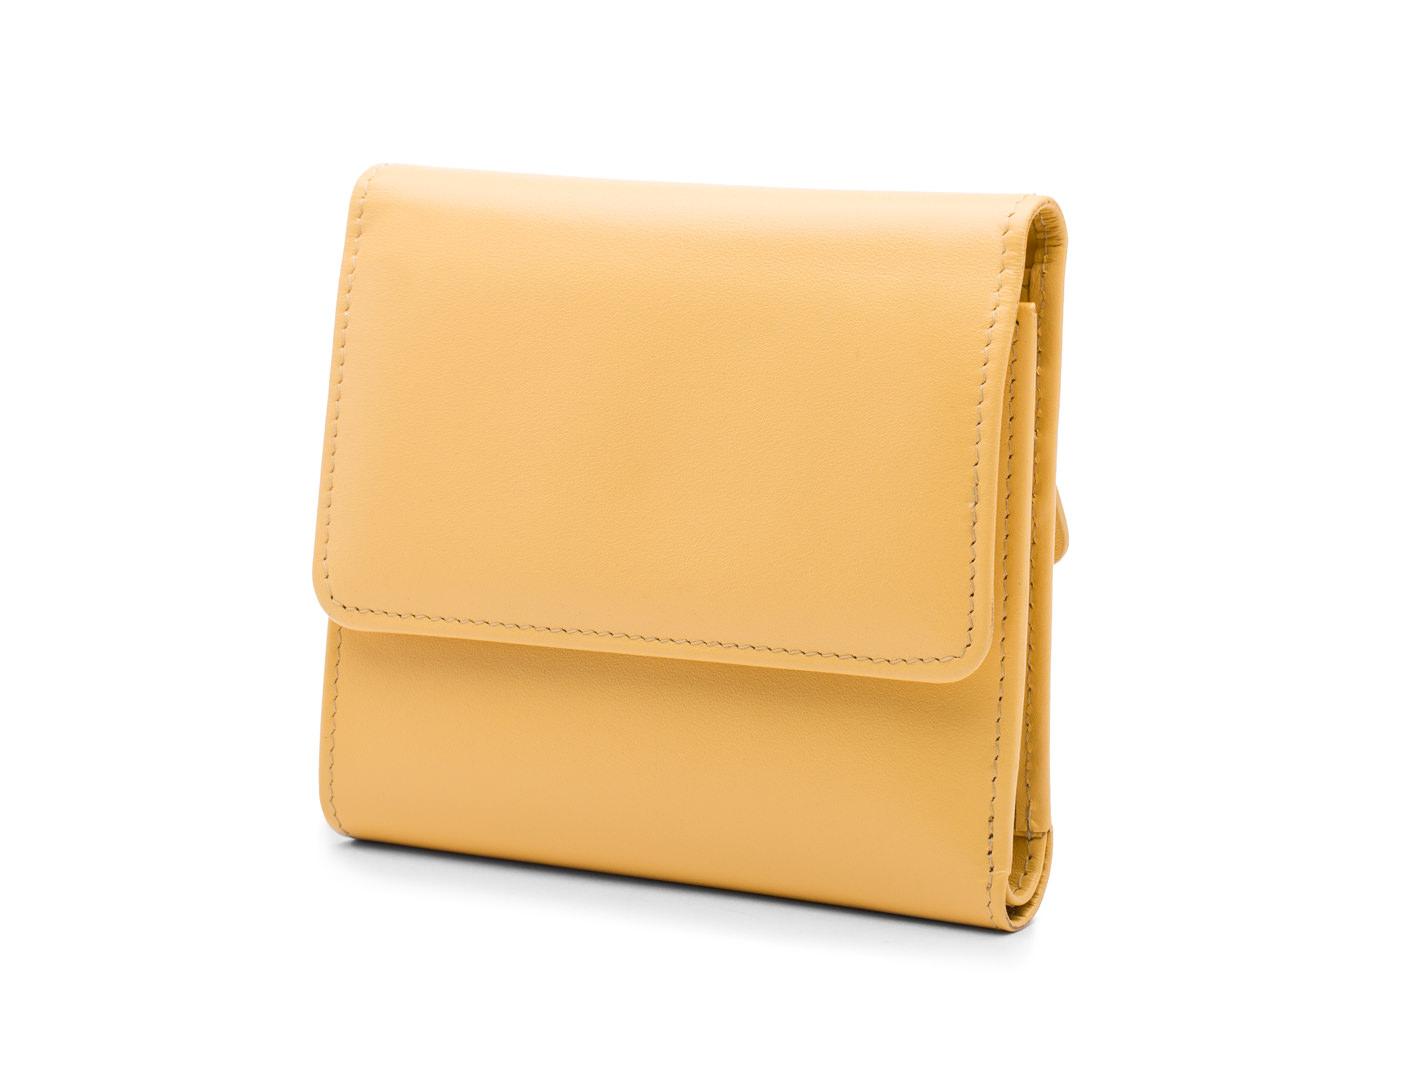 Vanilla Small Wallet-711 Vanilla - 711 Vanilla